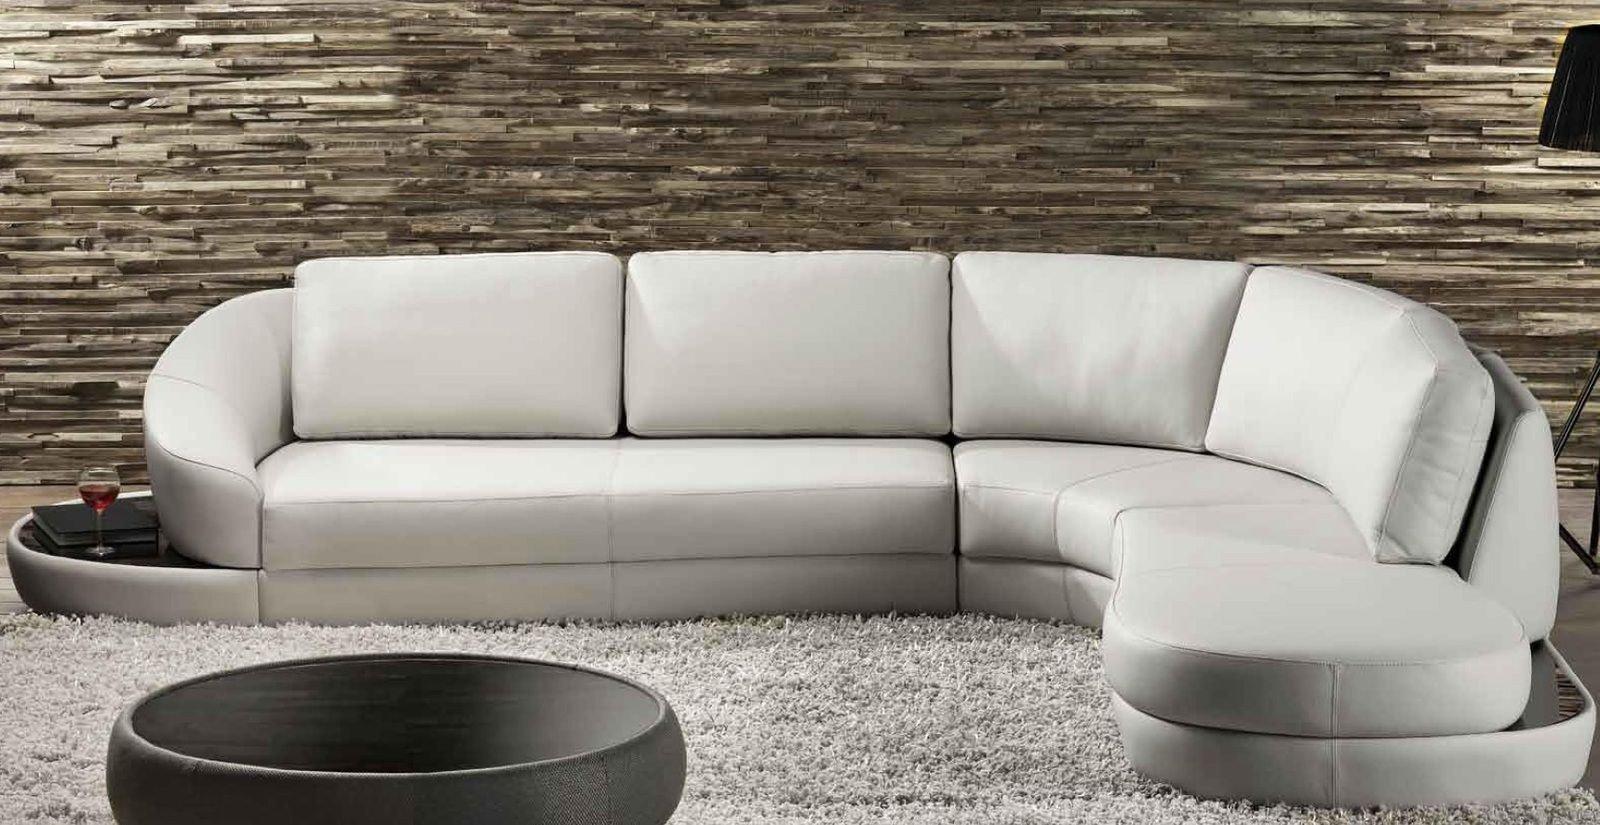 C mo escoger bien un sof rinconera decoraci n del hogar - Sofa rinconera ...